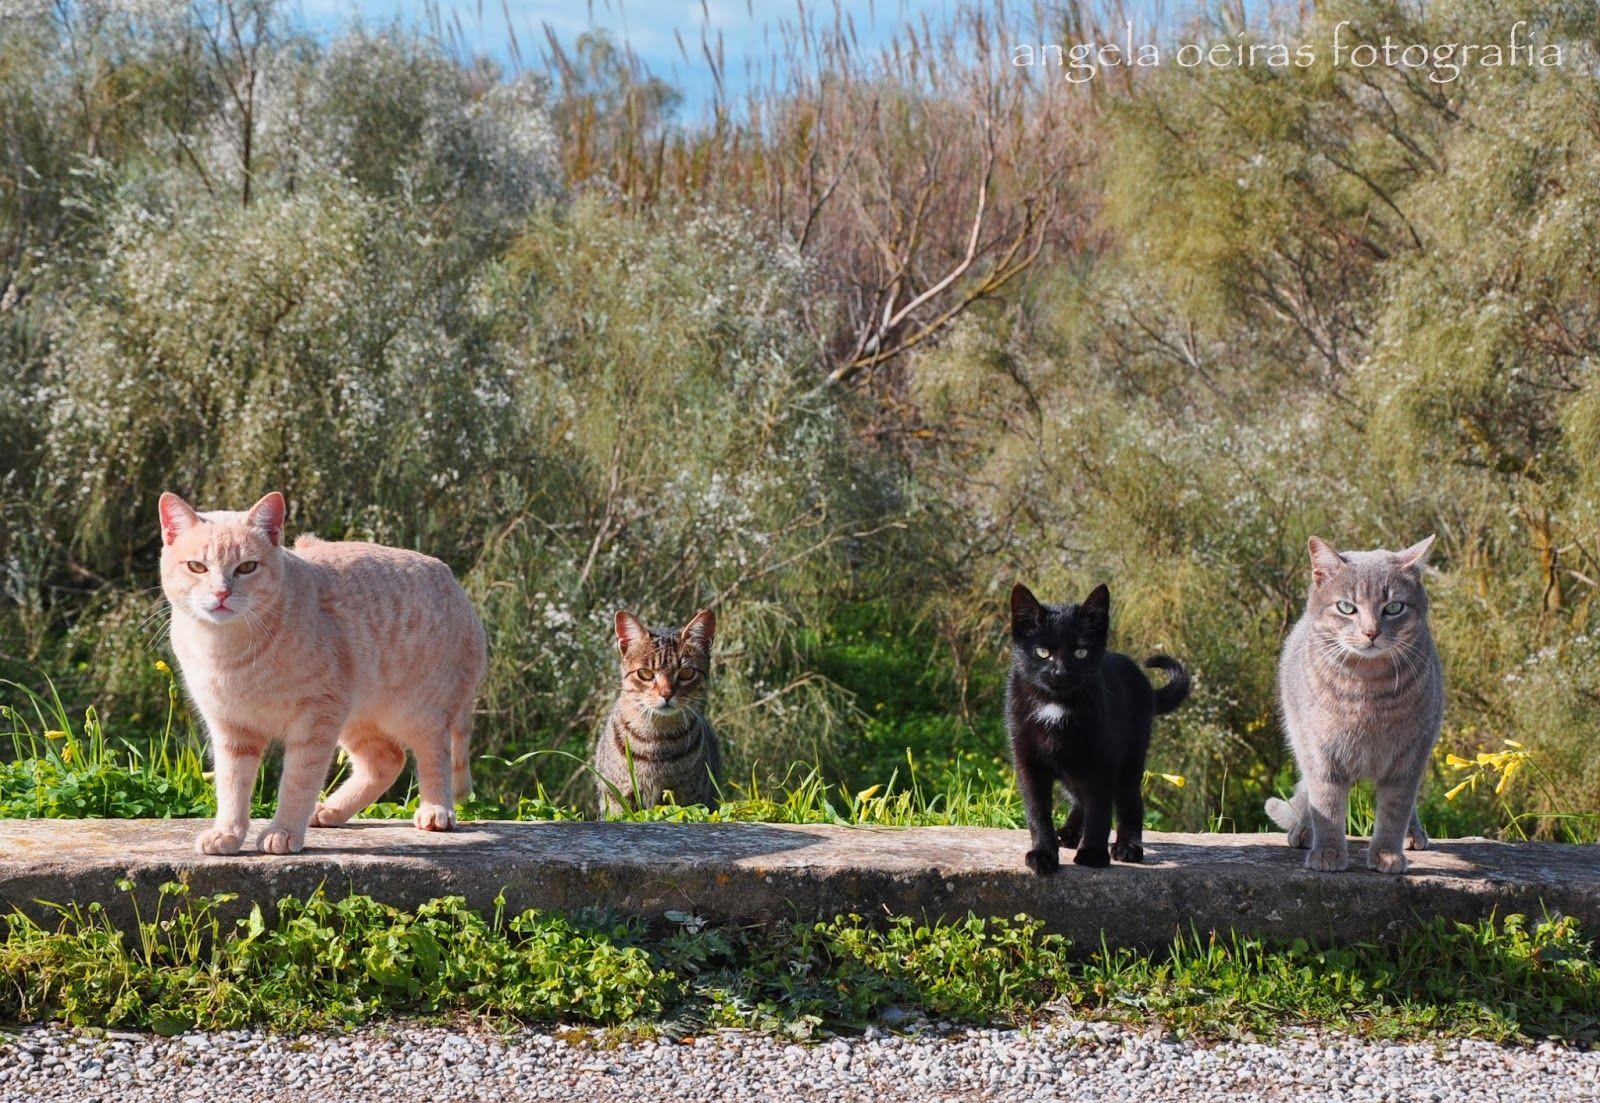 angela oeiras fotografia: Four wild cats posing for me!